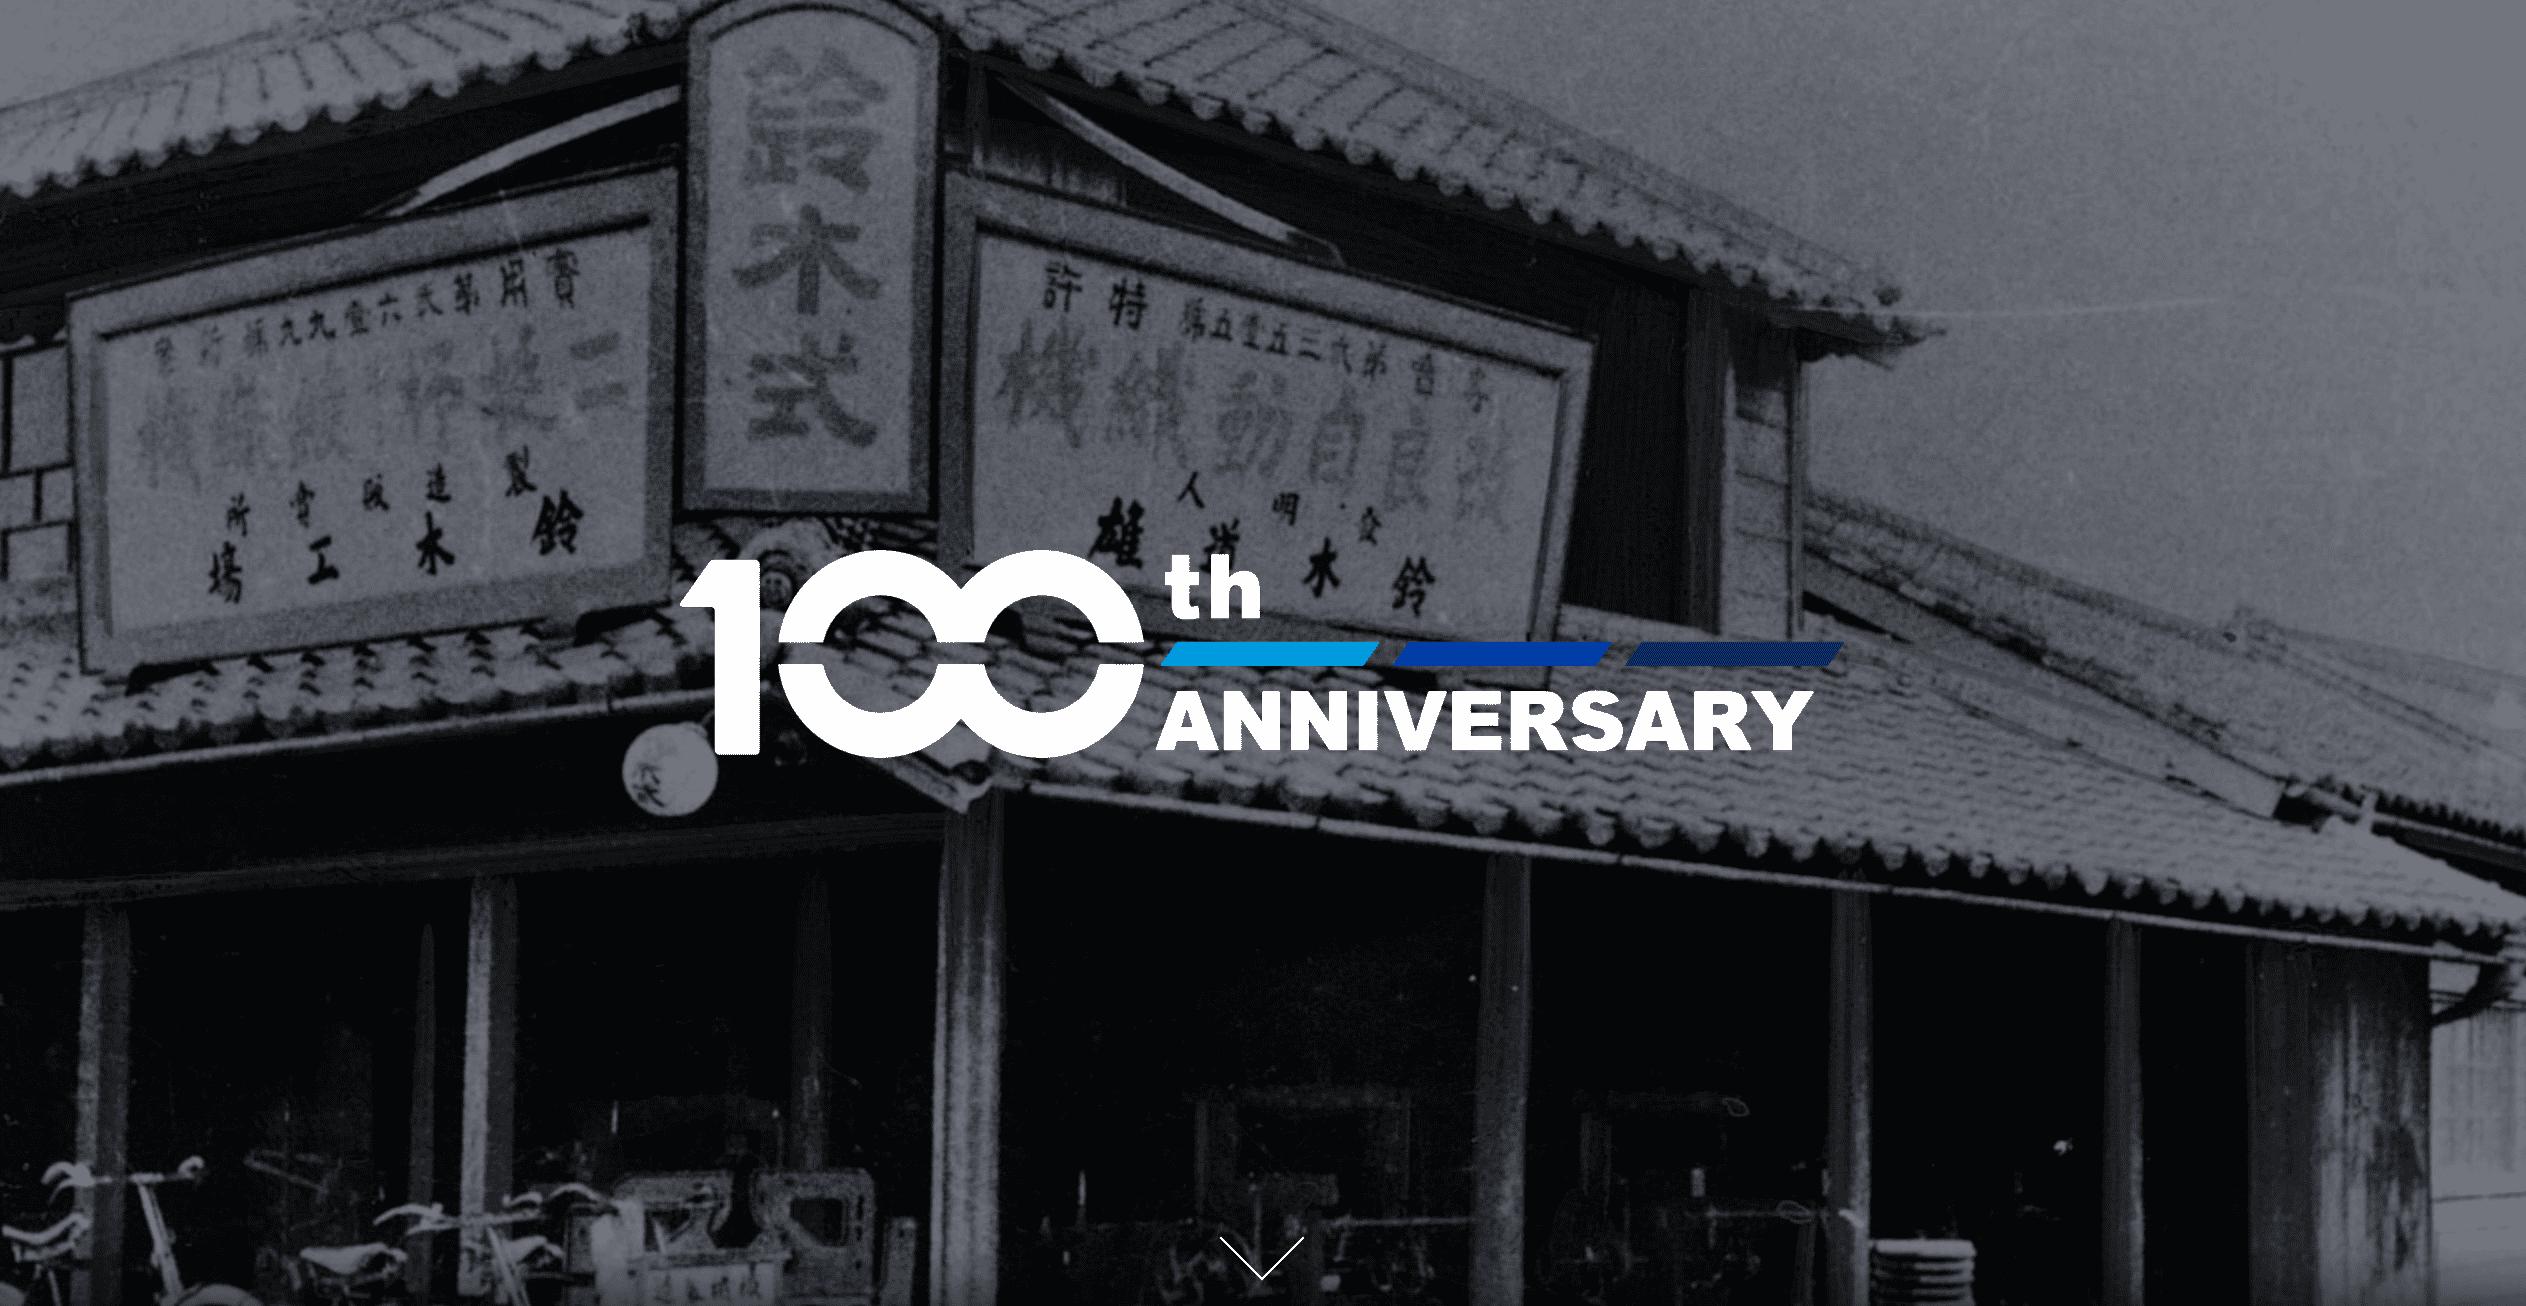 創立100周年を迎えたスズキ株式会社